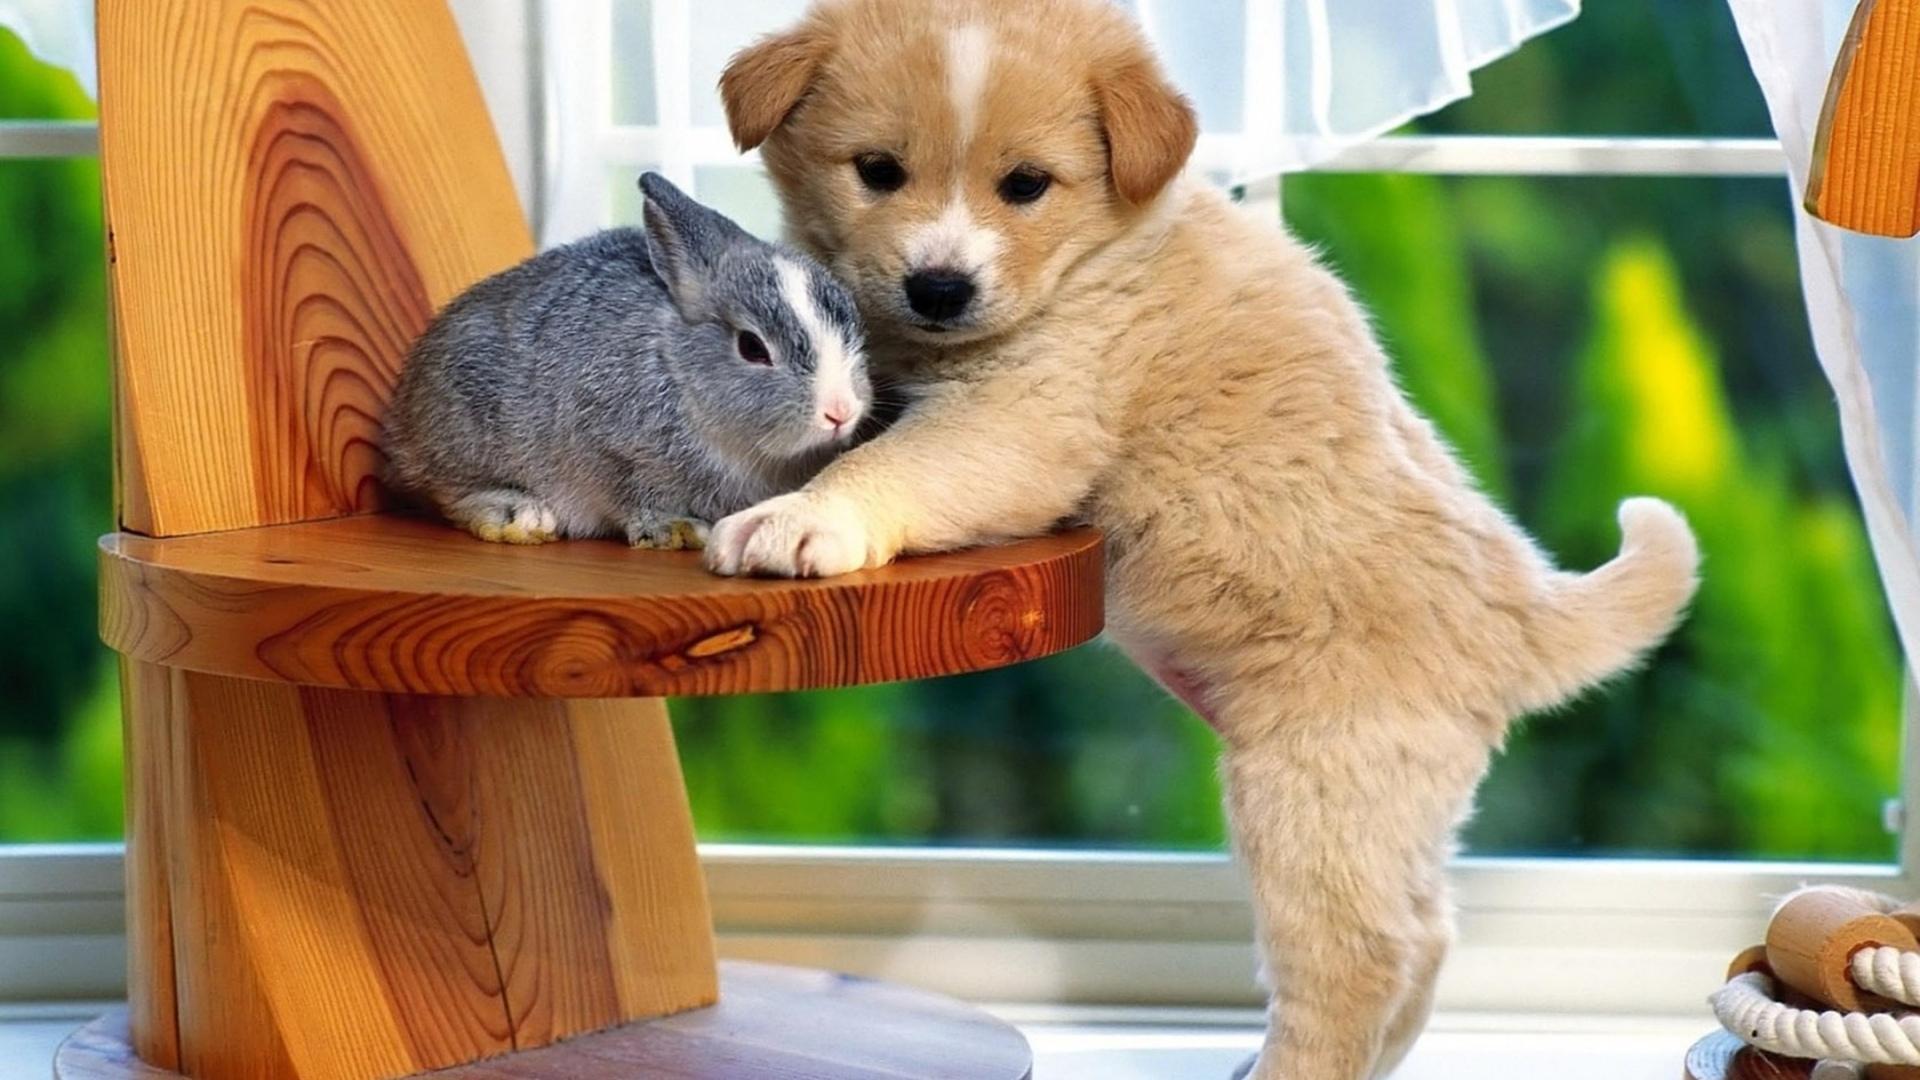 SON DAKİKA! AK Parti Grup Başkanvekili Mahir Ünal'dan Hayvan Hakları yasası açıklaması: Temel noktası cana zarar verme!